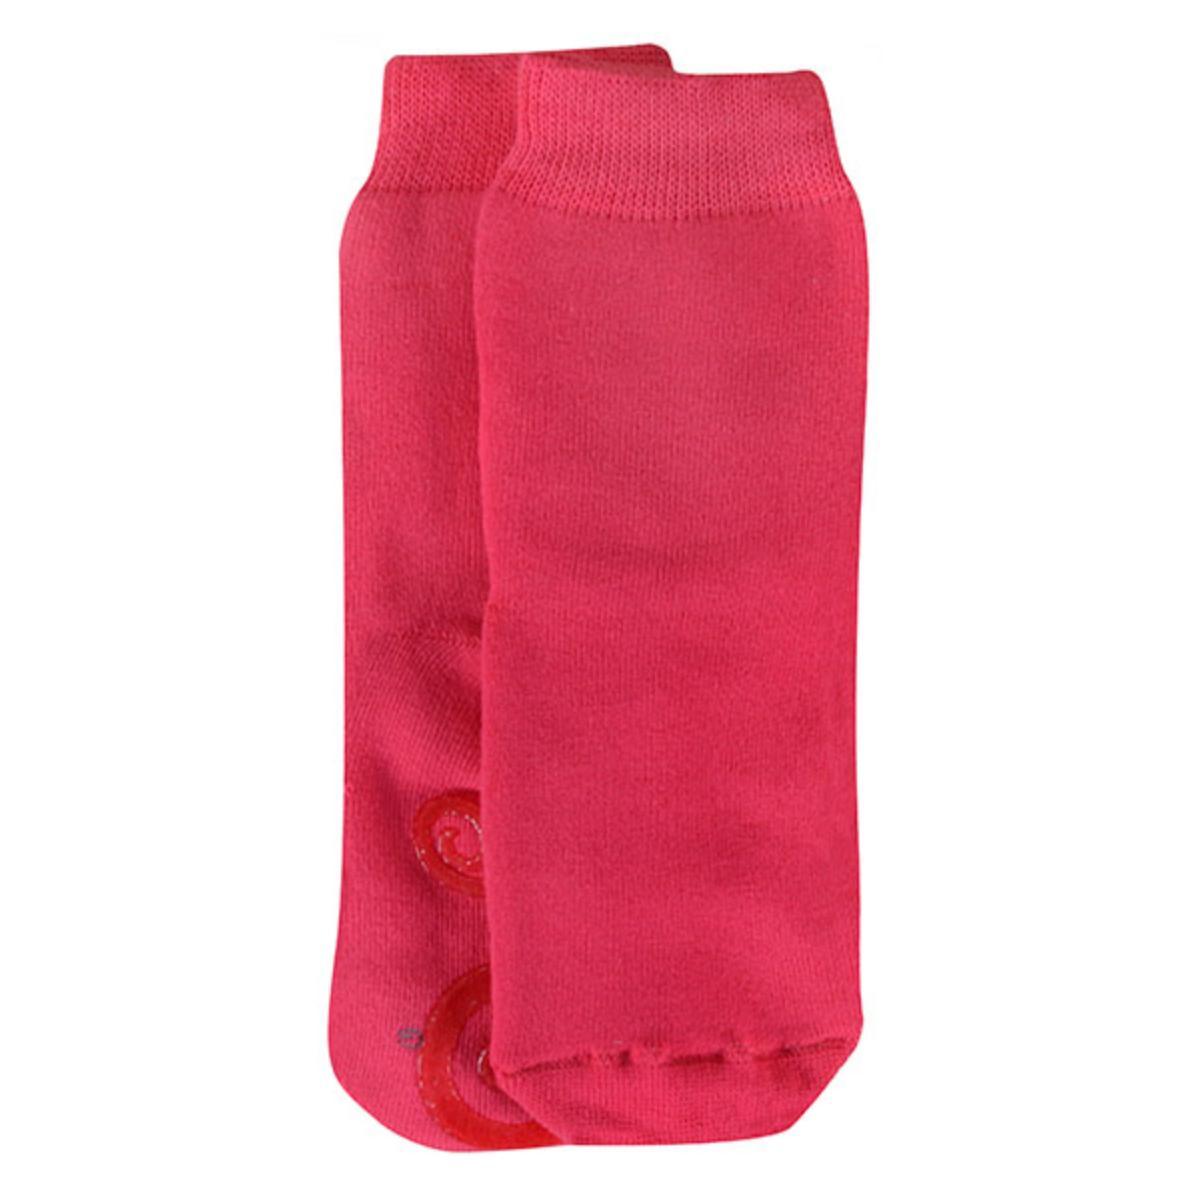 Meia Fem Infantil Lupo 2940 005 5350 Kids Pink